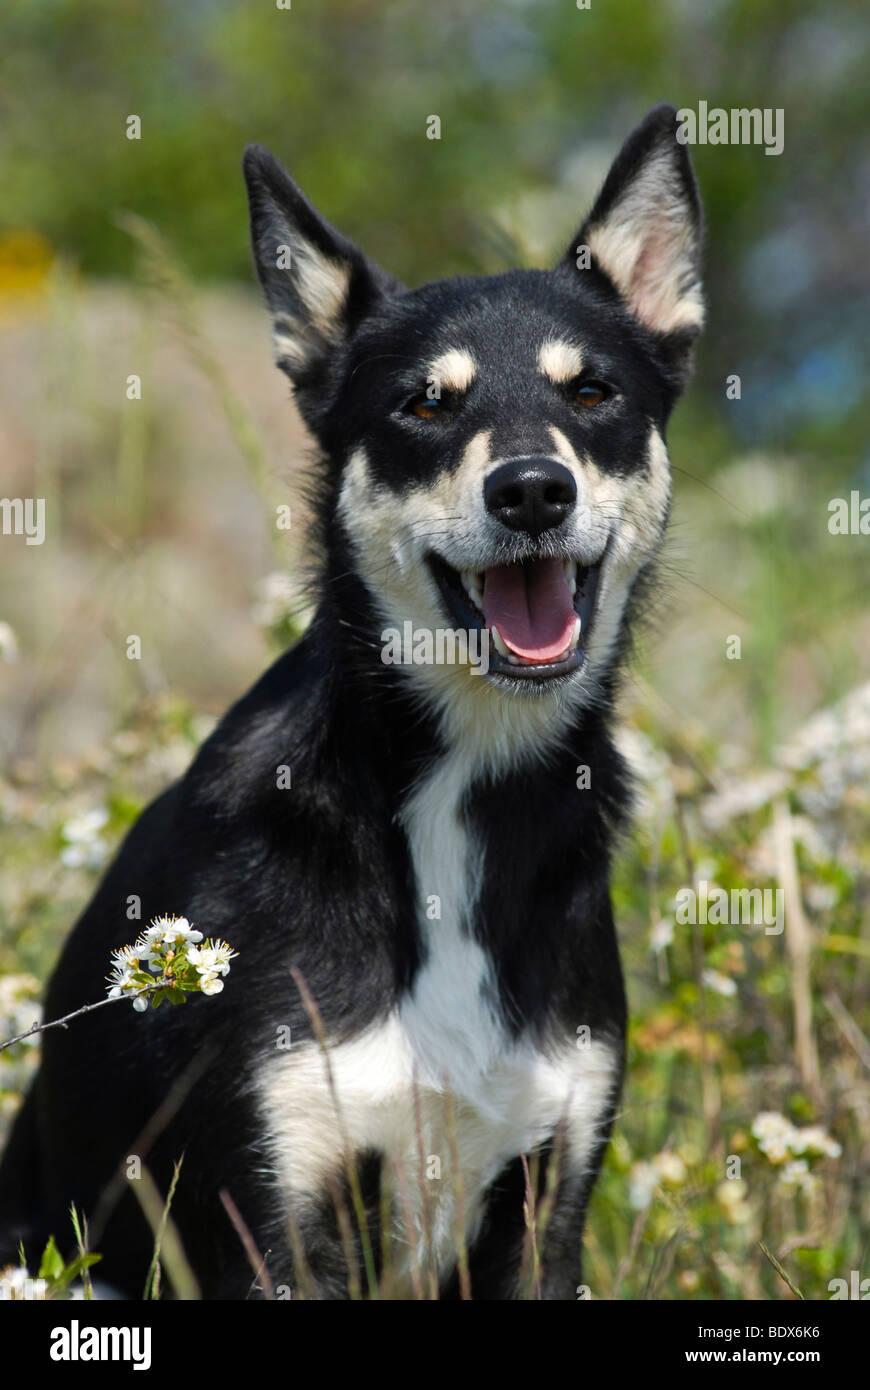 Lapinporokoira Lapponian Herder, o renos Lapp perro sentado en un prado florido Imagen De Stock